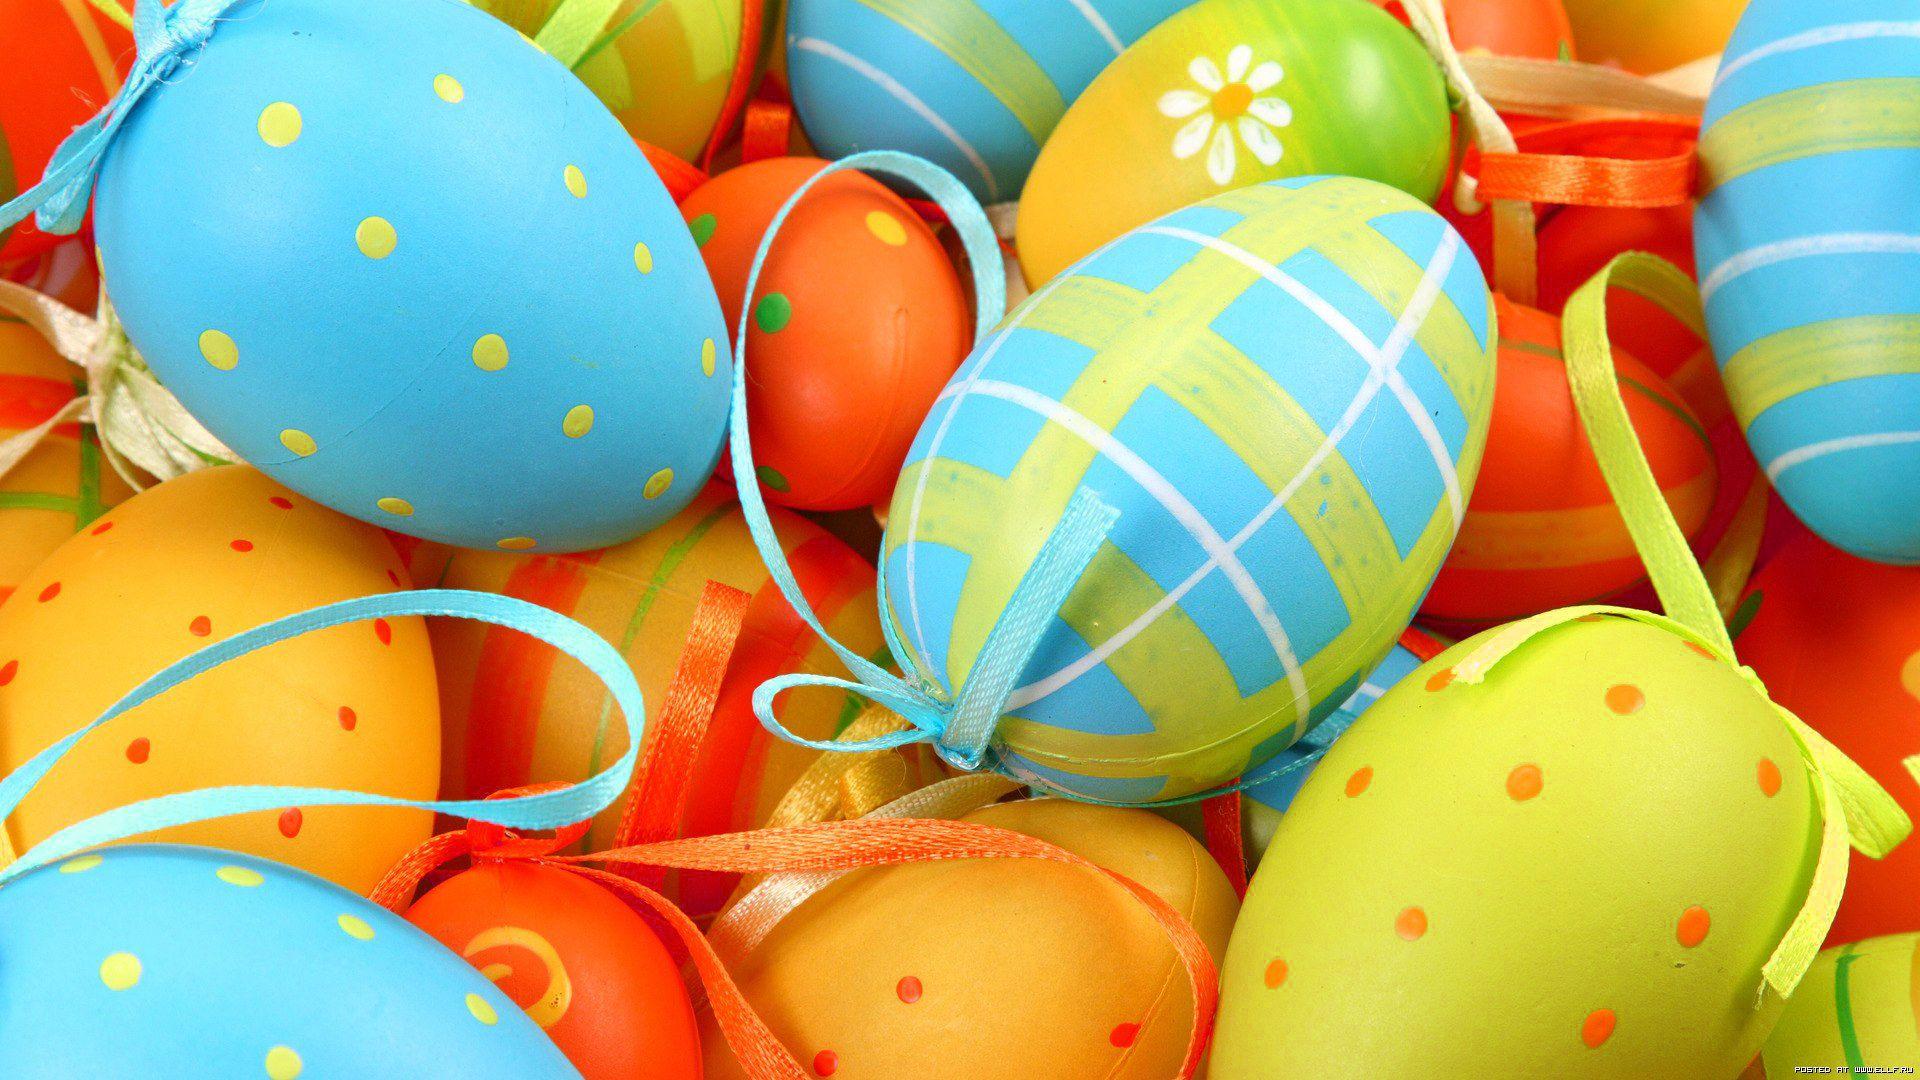 Easter Eggs Background Wallpaper Easter Wallpaper Easter Egg Decorating Easter Egg Painting